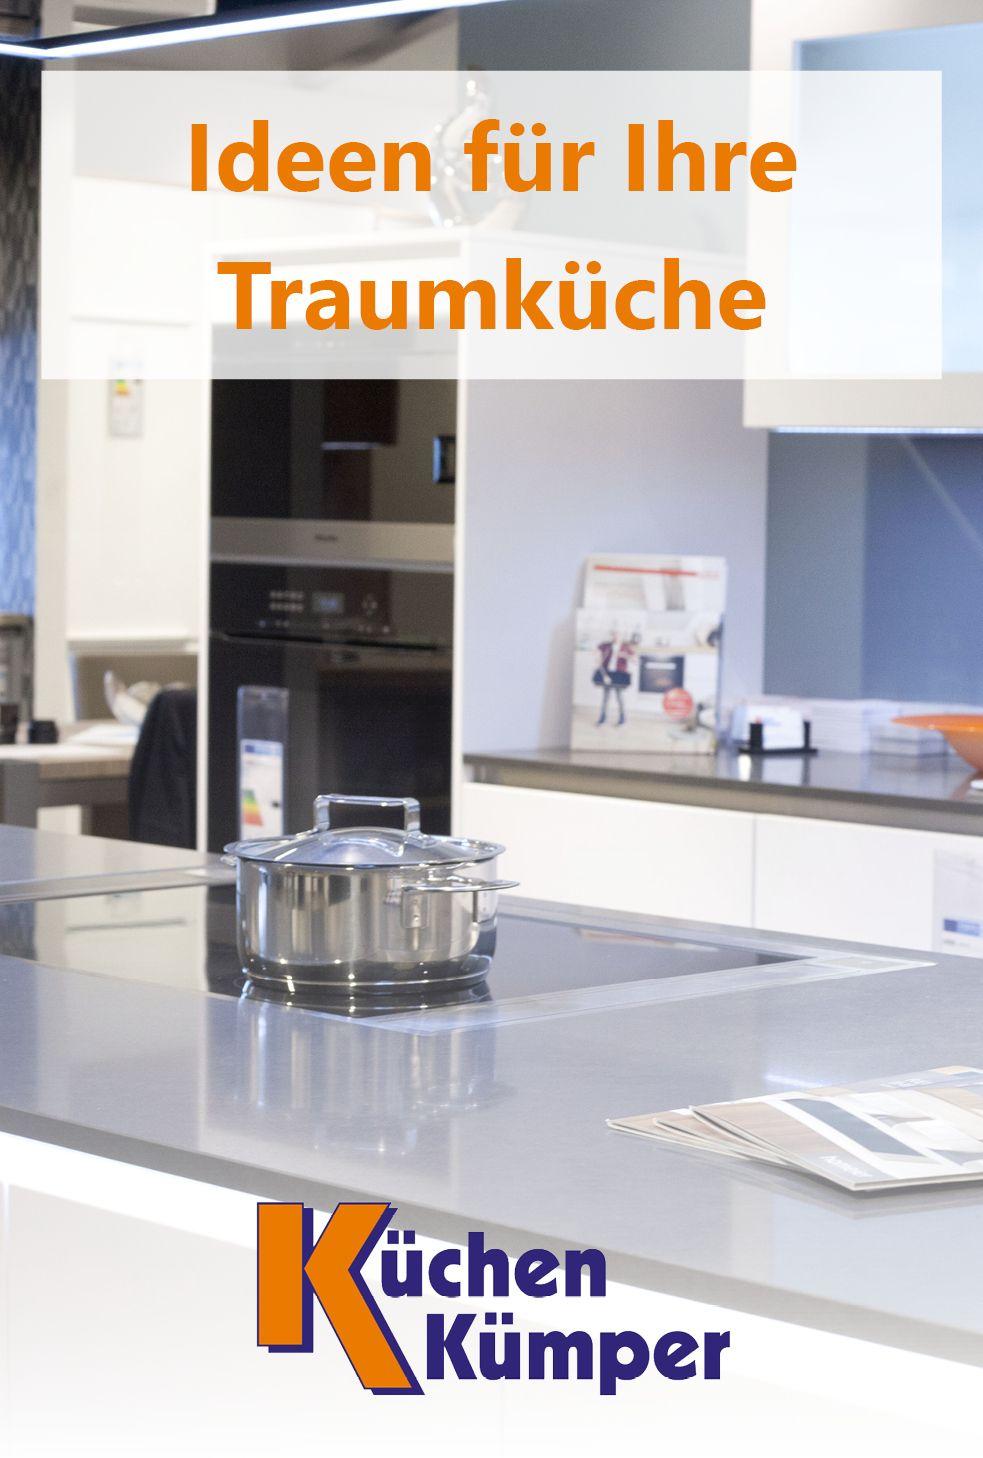 Küchen planen & kaufen » Küchen in Dogern, Rheinfelden